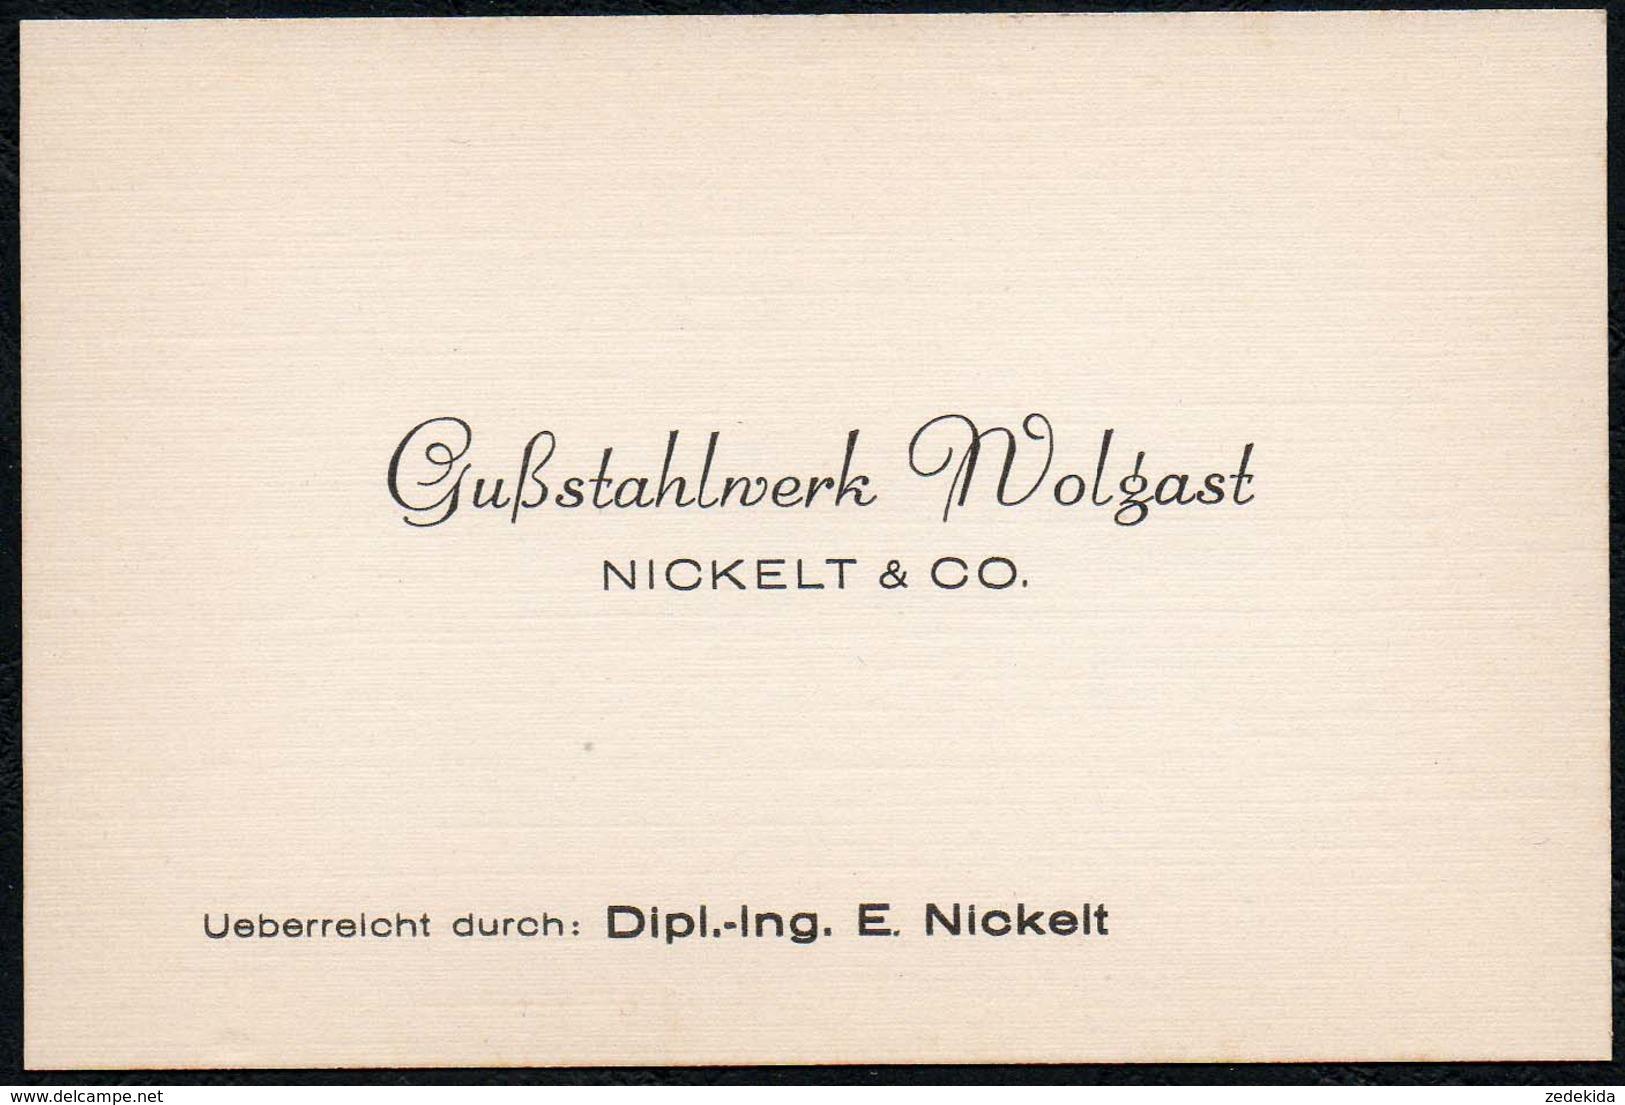 C0618 - TOP Nickel & Co Gußstahlwerk Wolgast  Visitenkarte - Visitenkarten